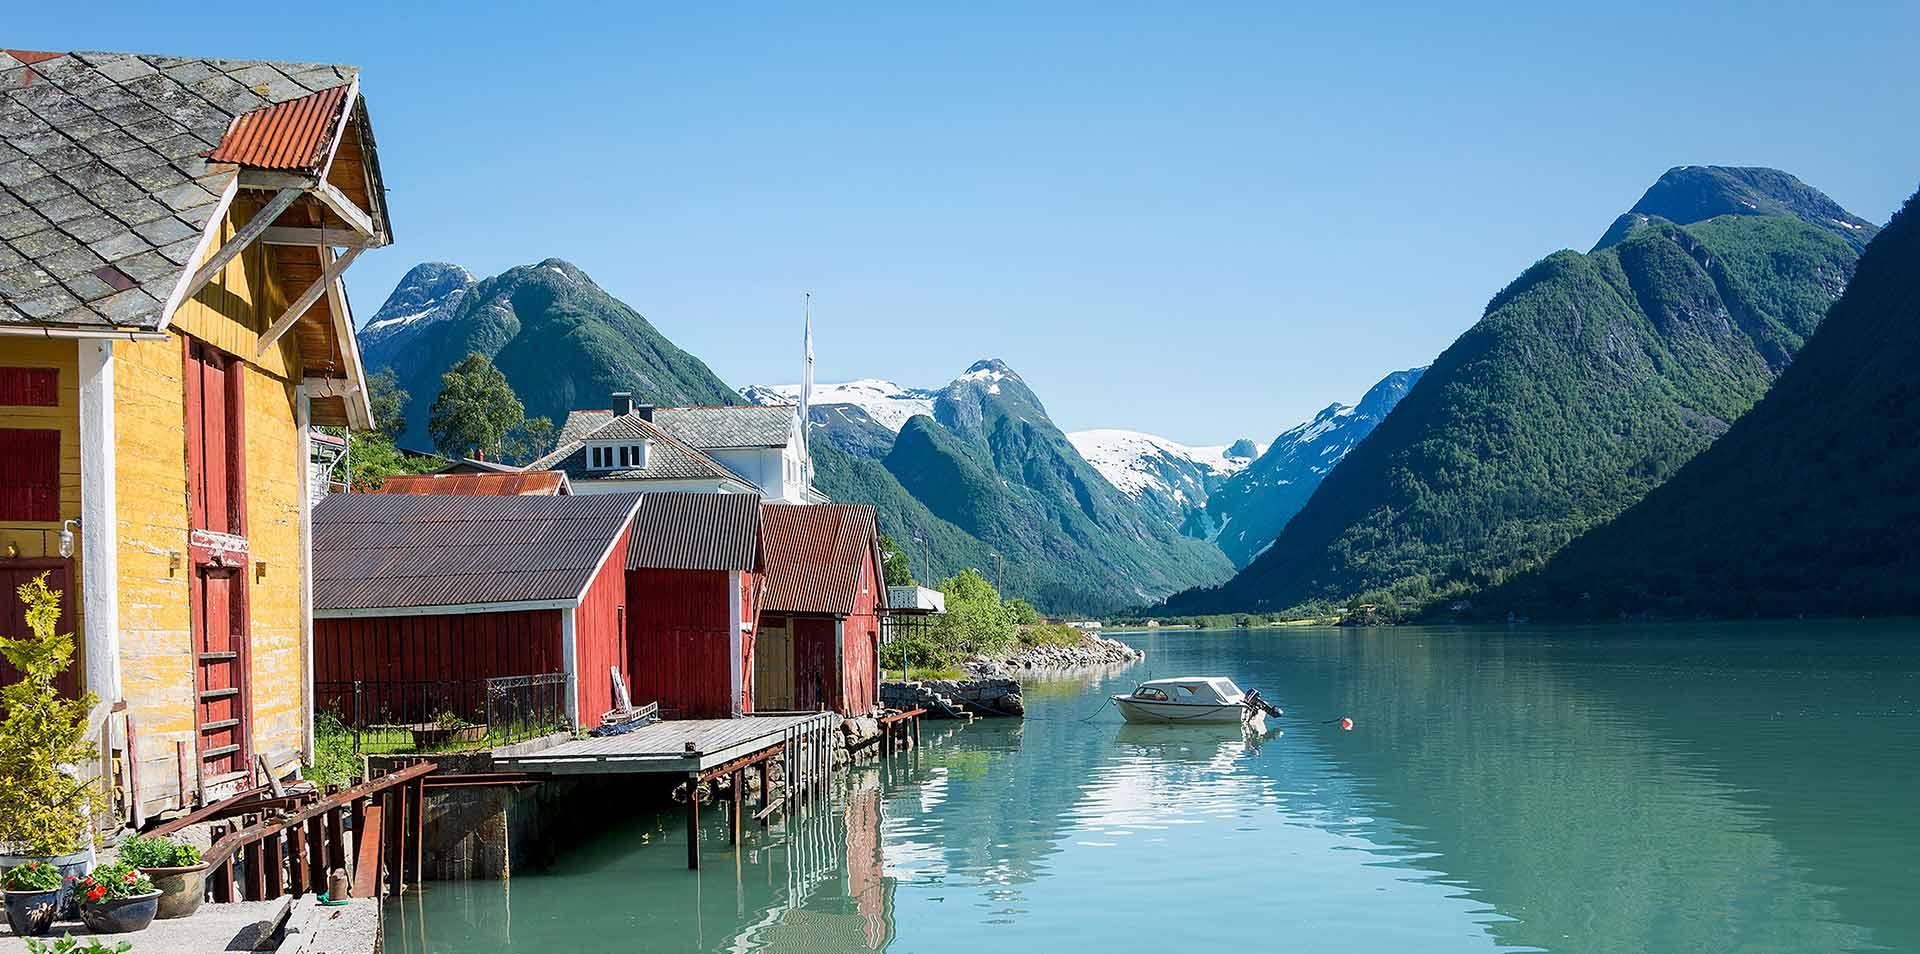 Village Alongside Fjord in Norway